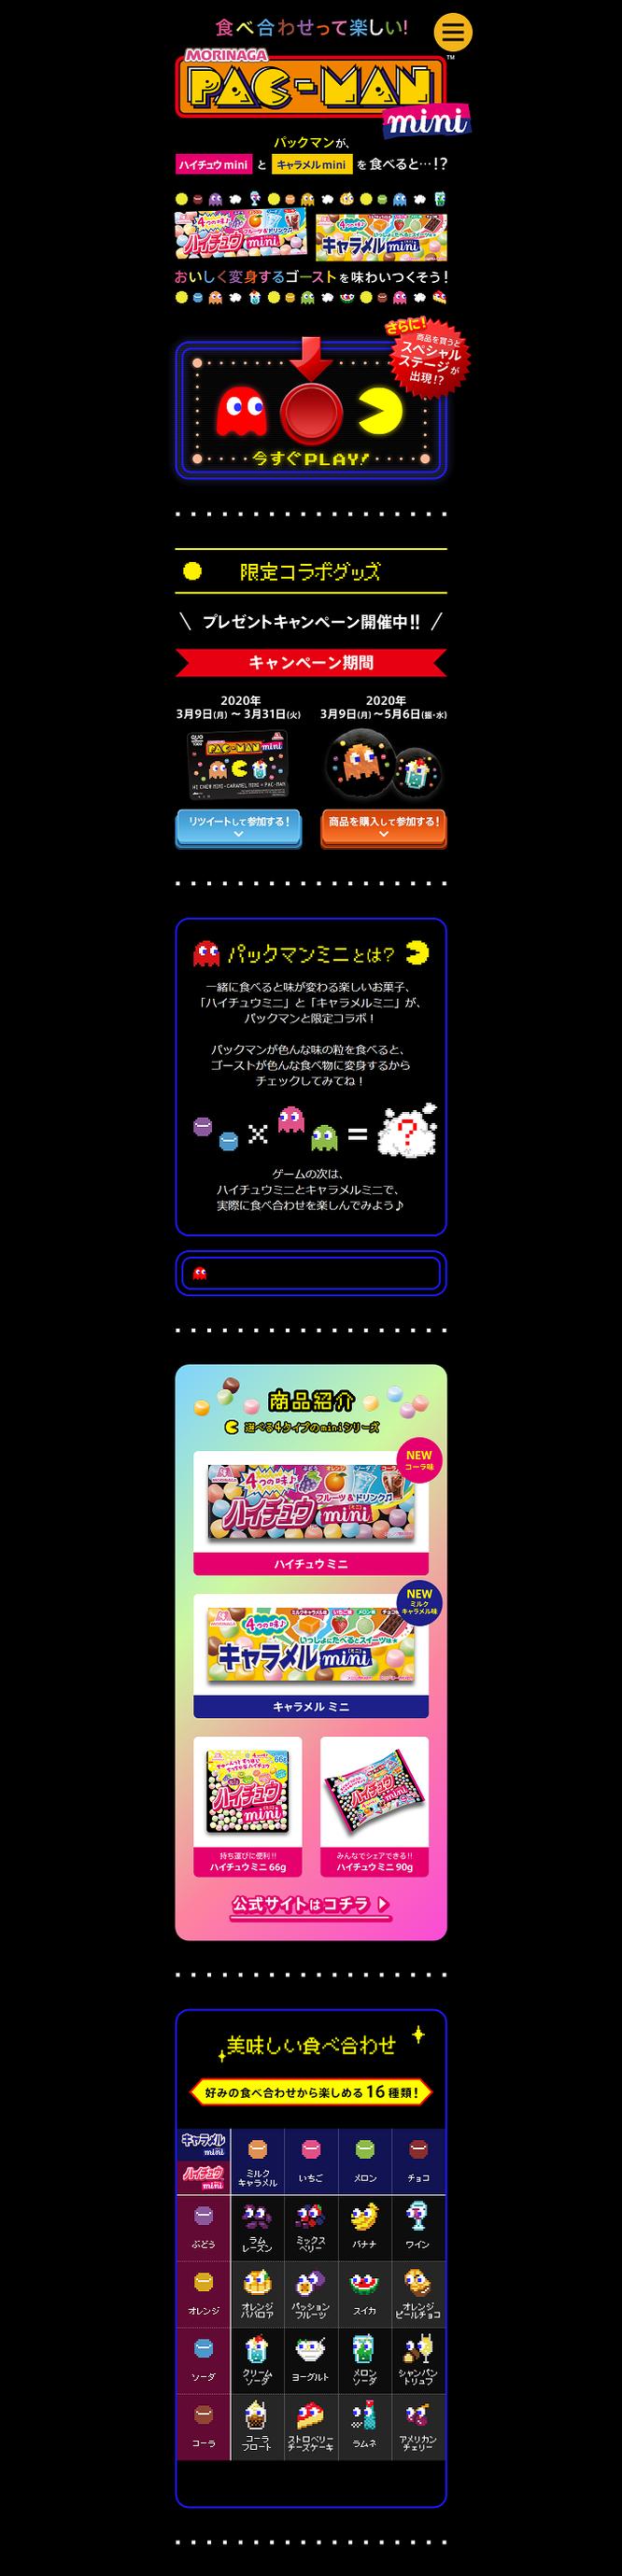 【森永製菓】ハイチュウミニ&キャラメルミニ パックマンコラボキャンペーン